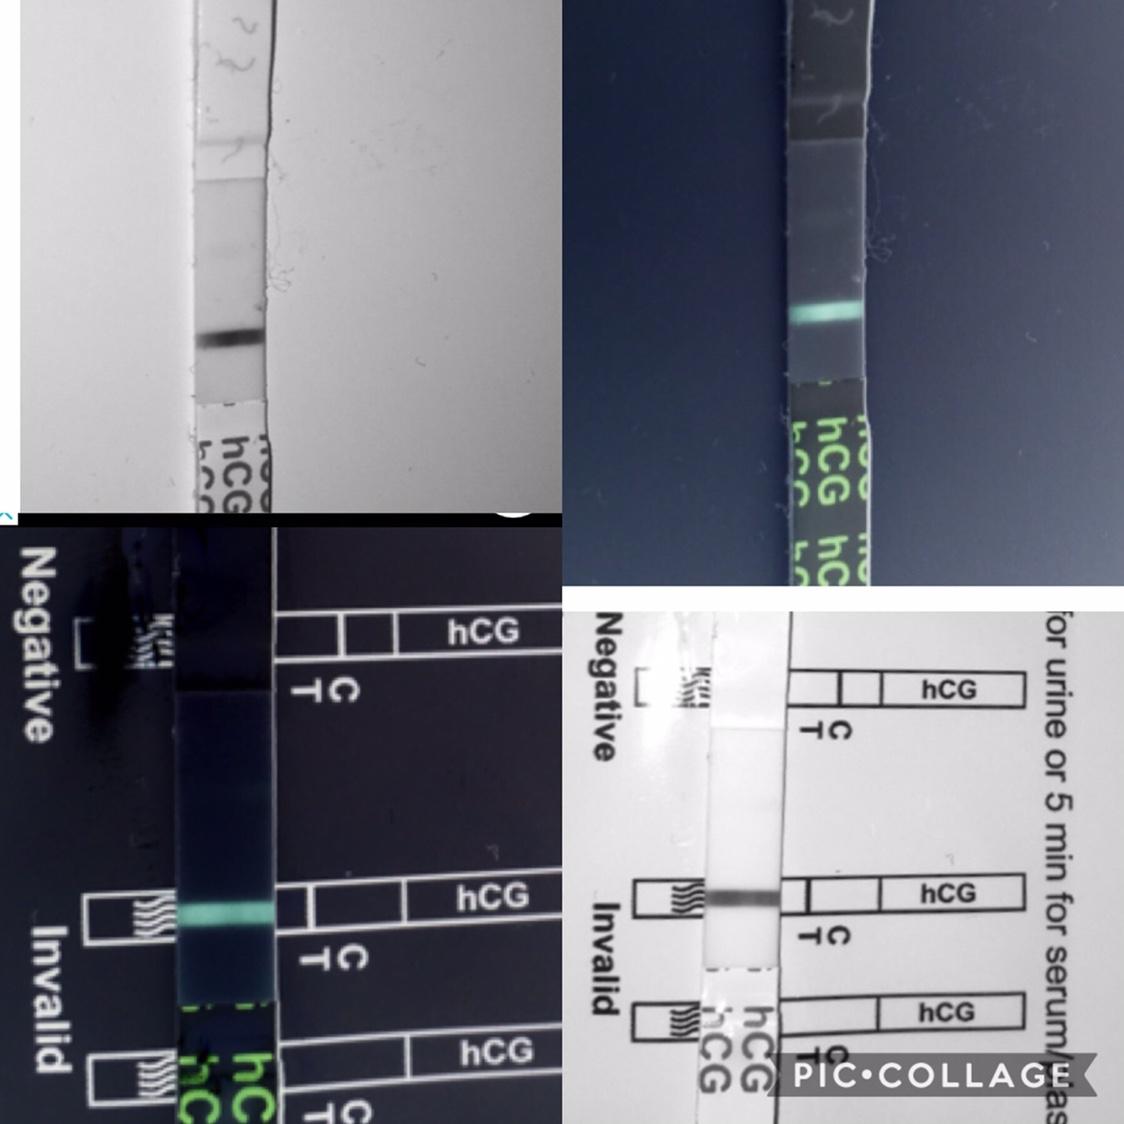 c4c1576094e77e7b9b409bc5f1f7e42e